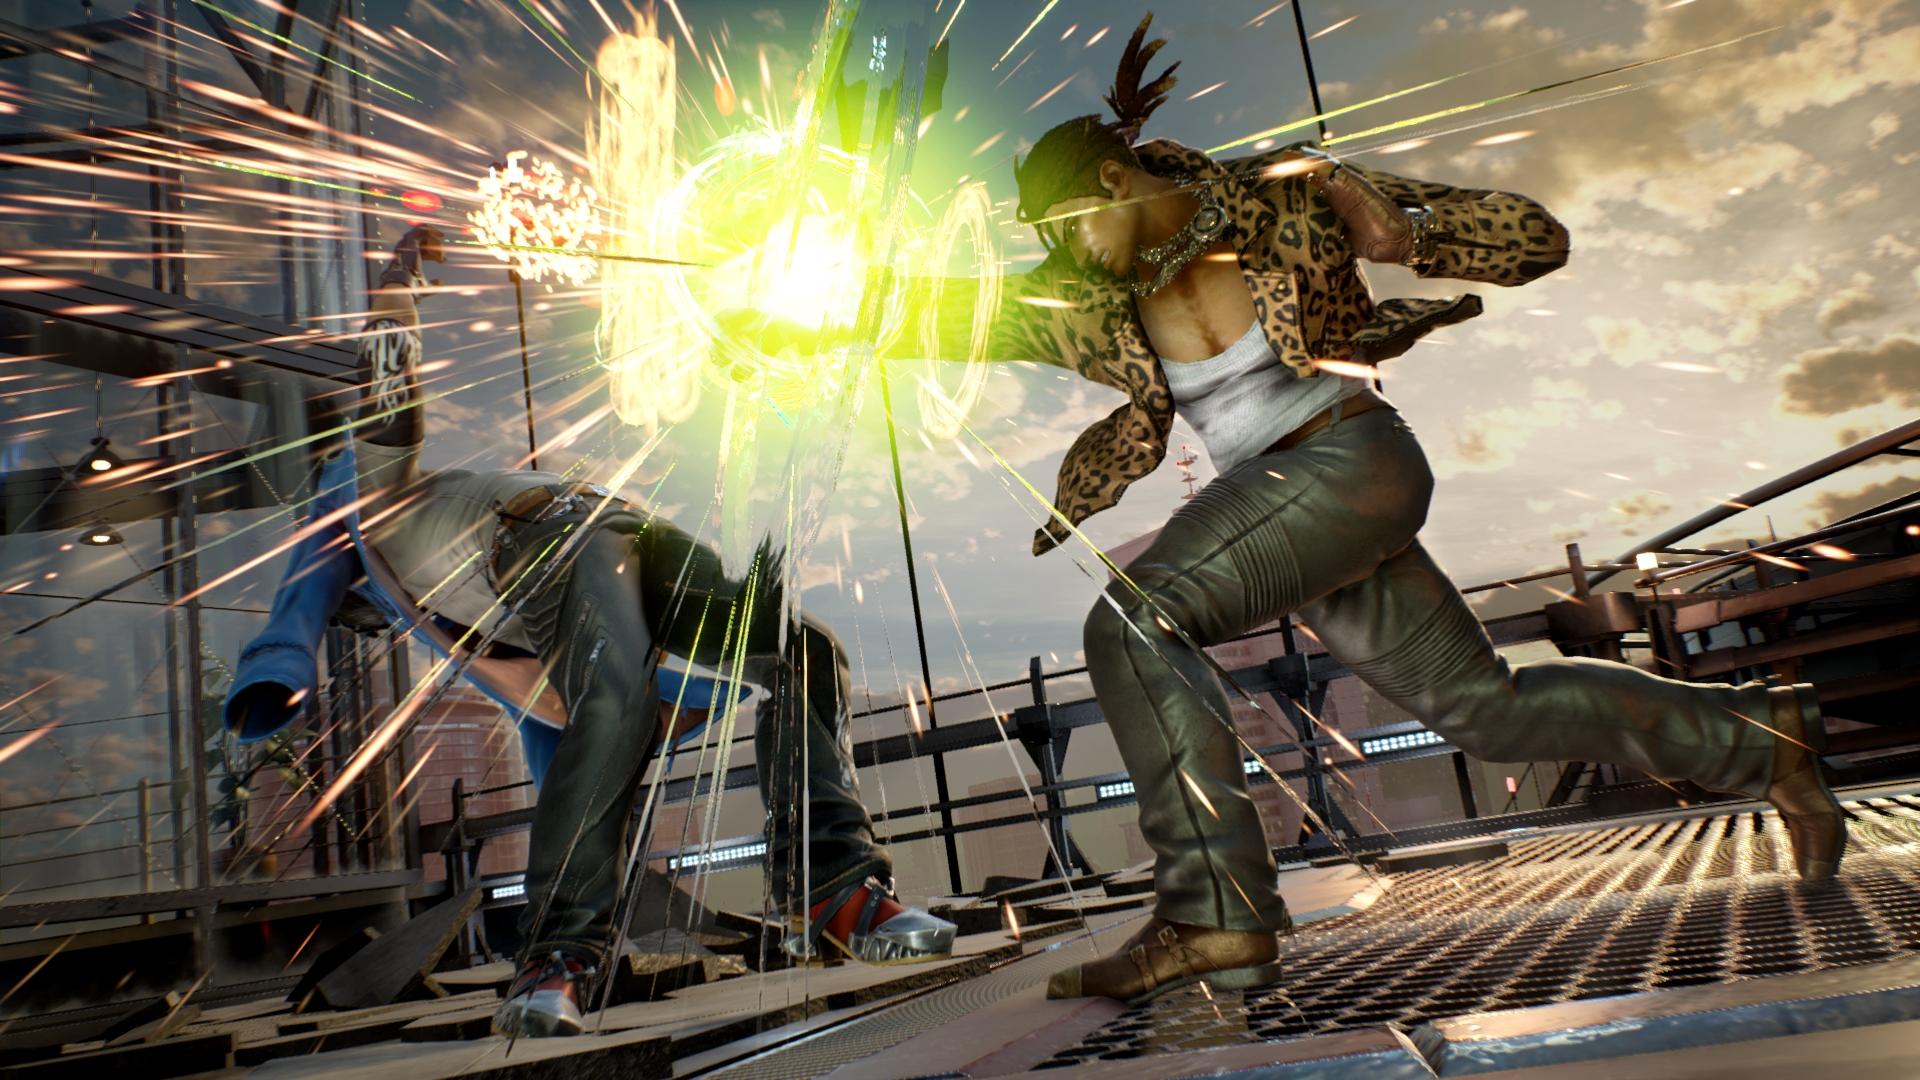 Tekken 7 Eddy Gordo Screen 9